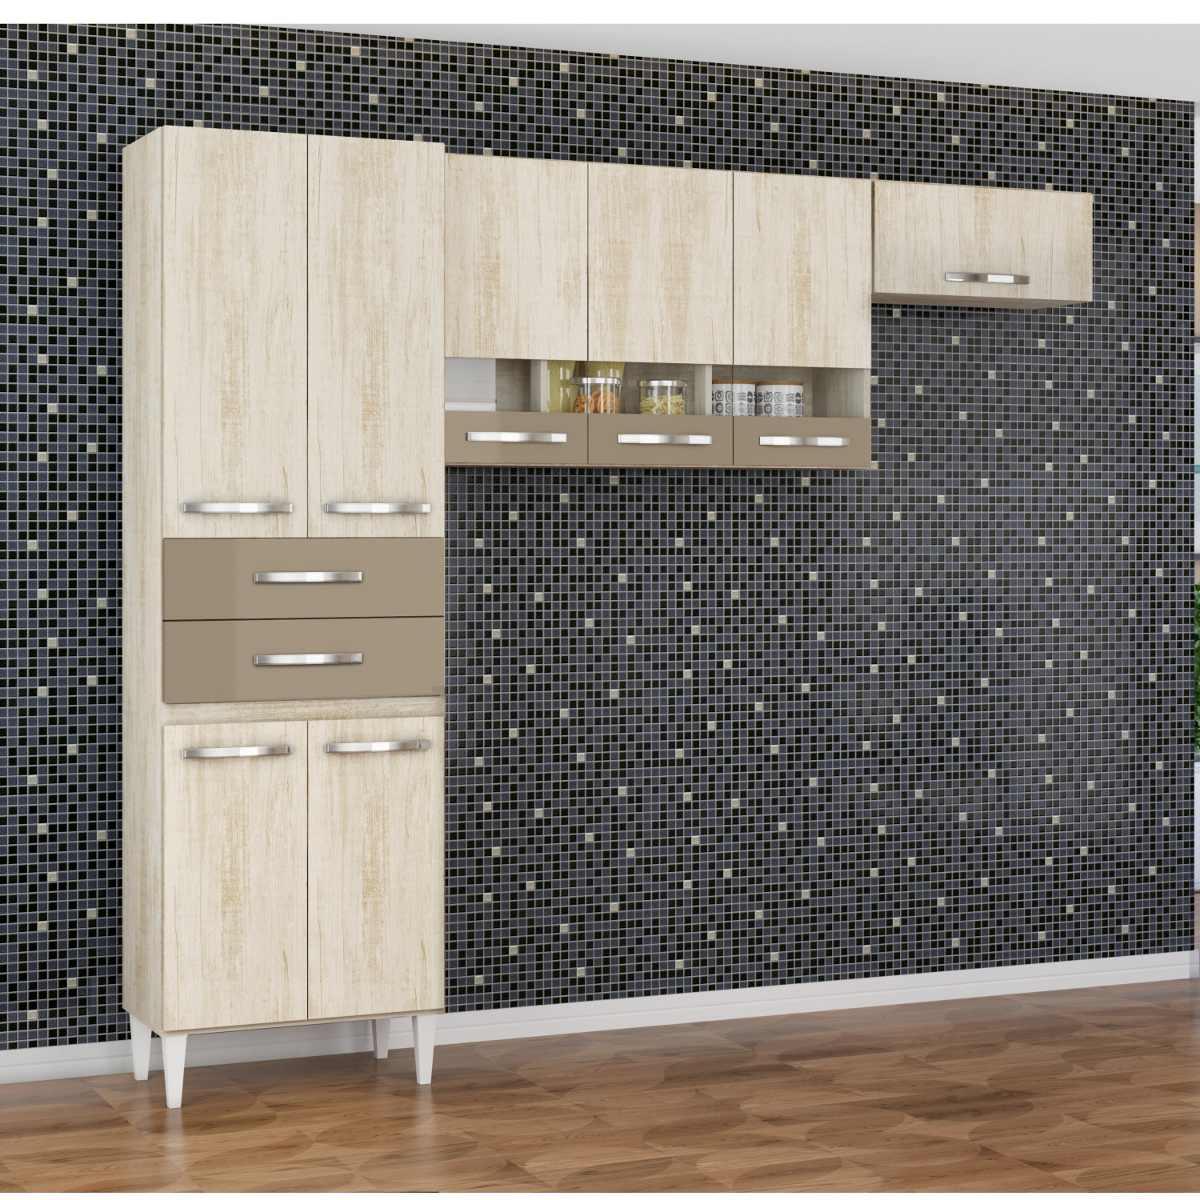 Cozinha Compacta 3 Pe As Julia N O Acompanha Balc Hgwt R 518 30